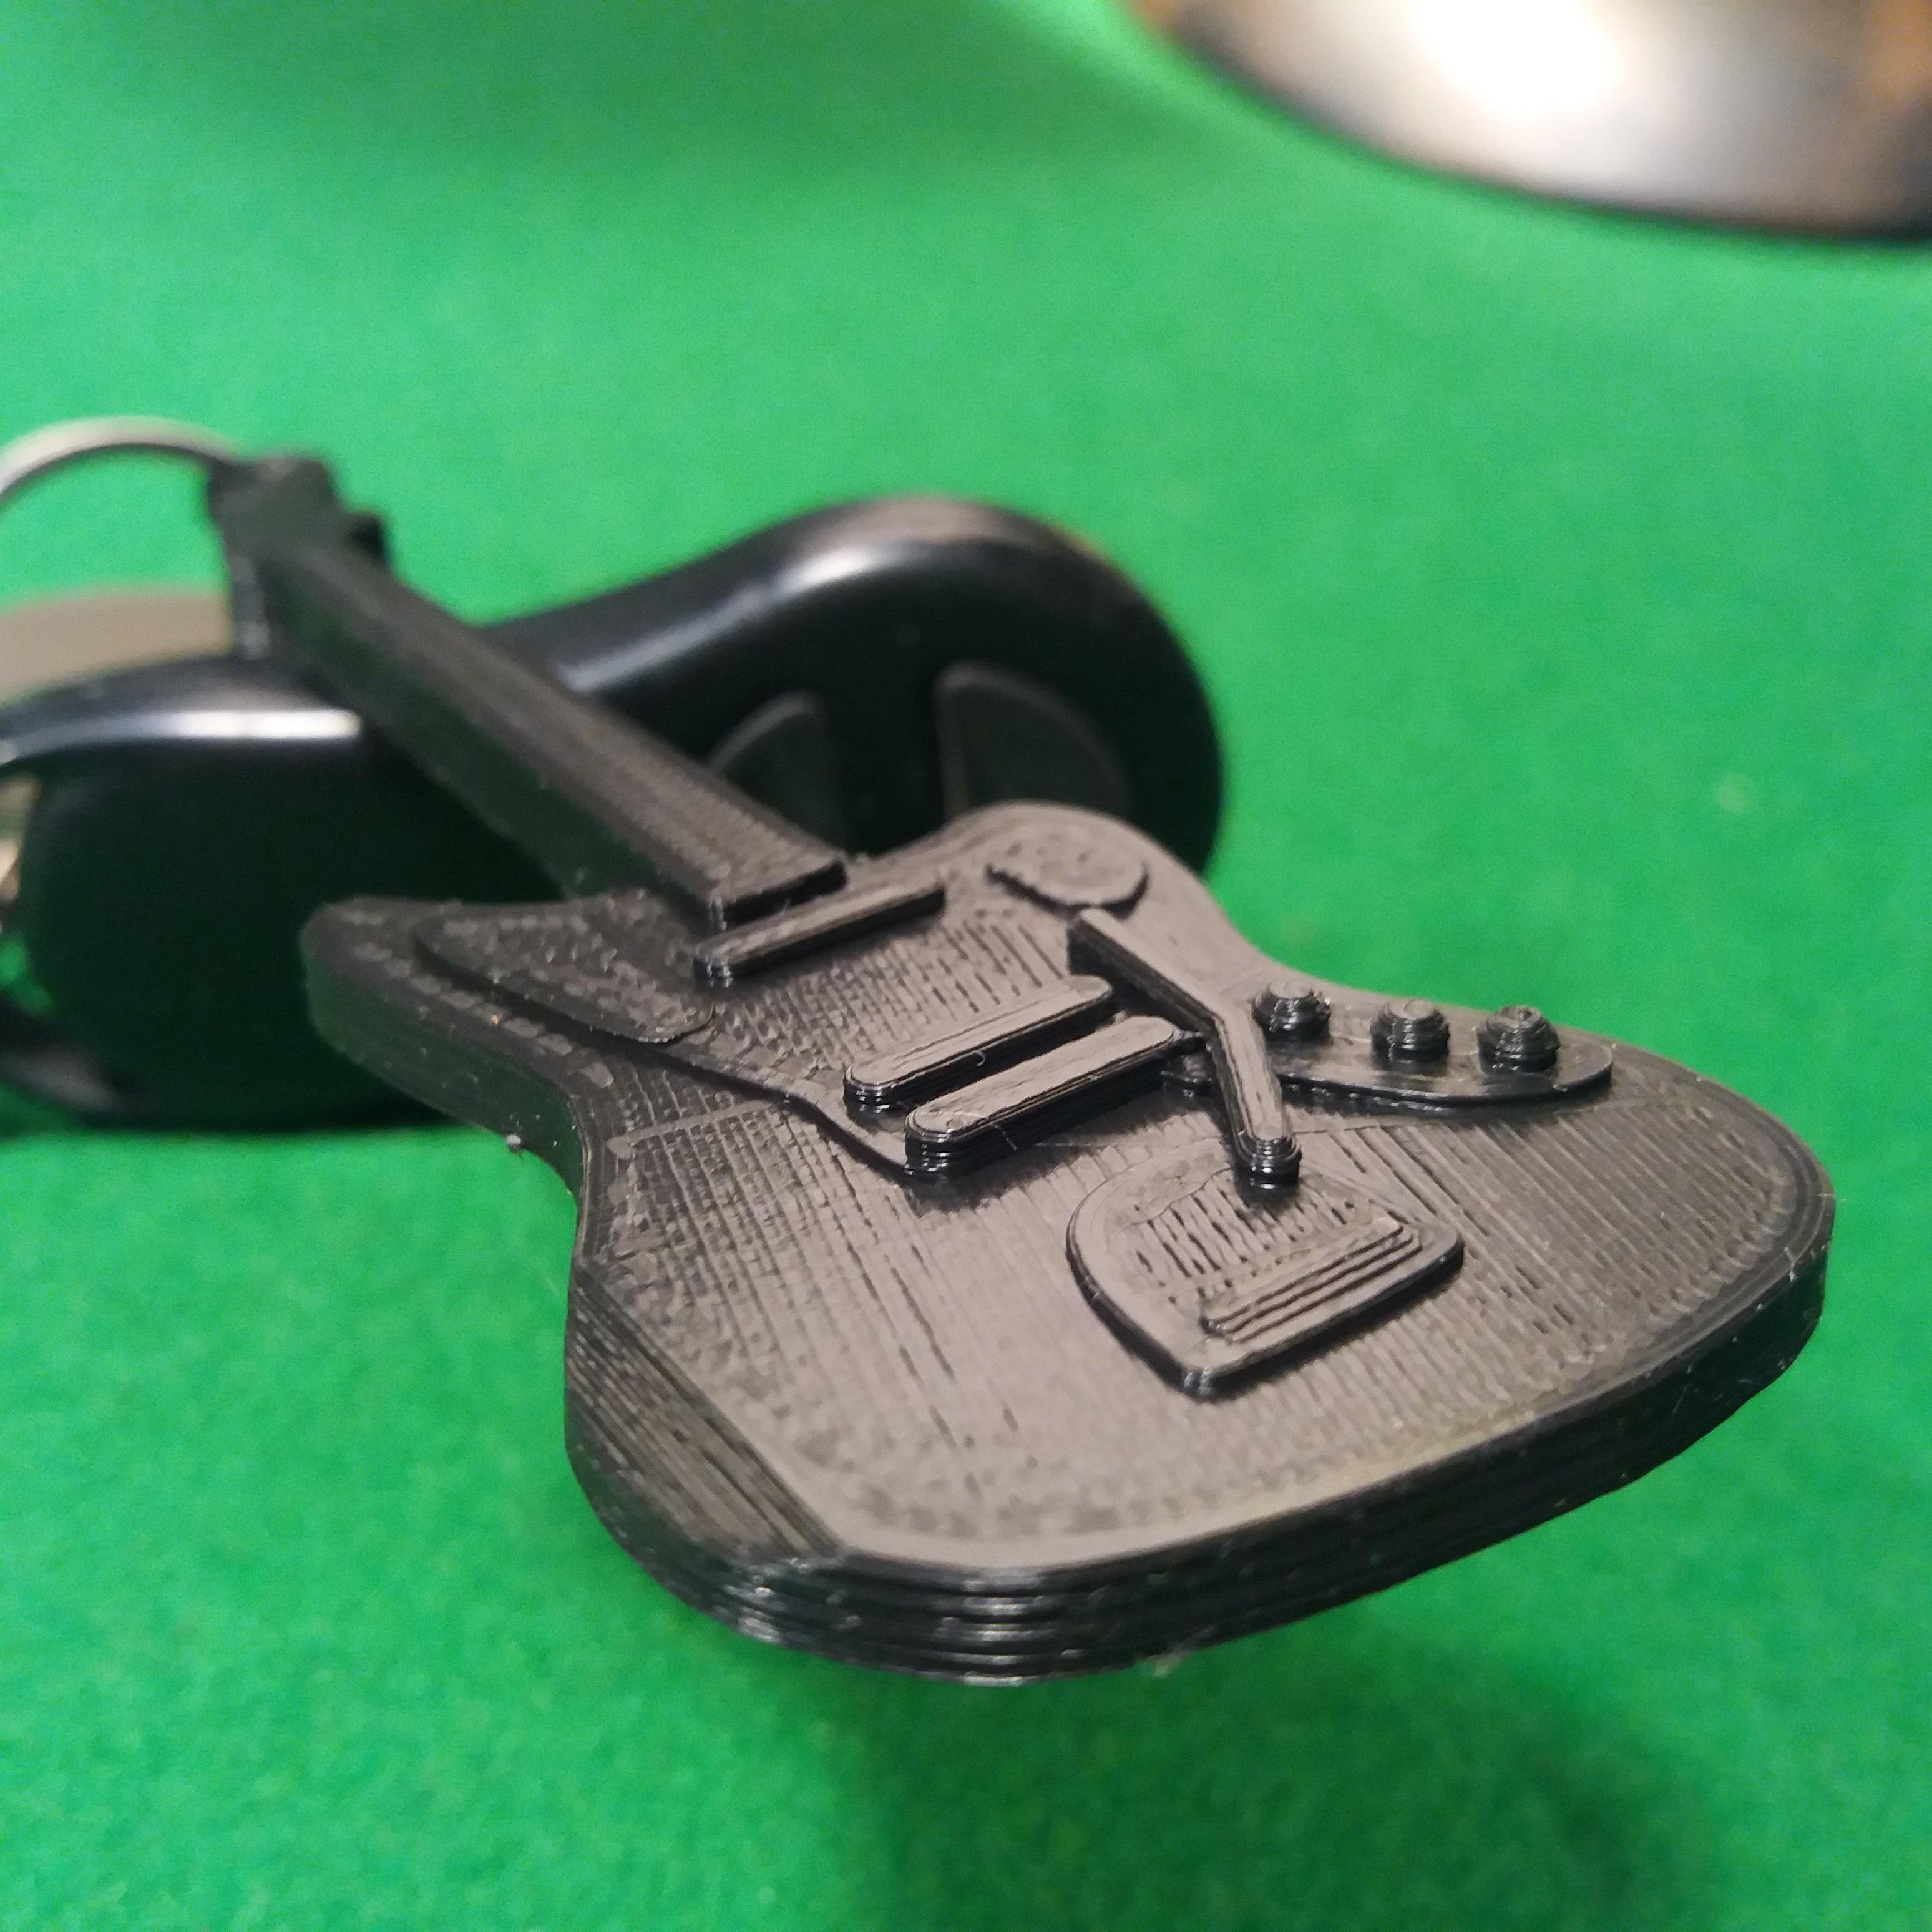 Fender jaguar3.jpg Download free STL file Fender Guitar Jaguar • 3D printing model, gerbat